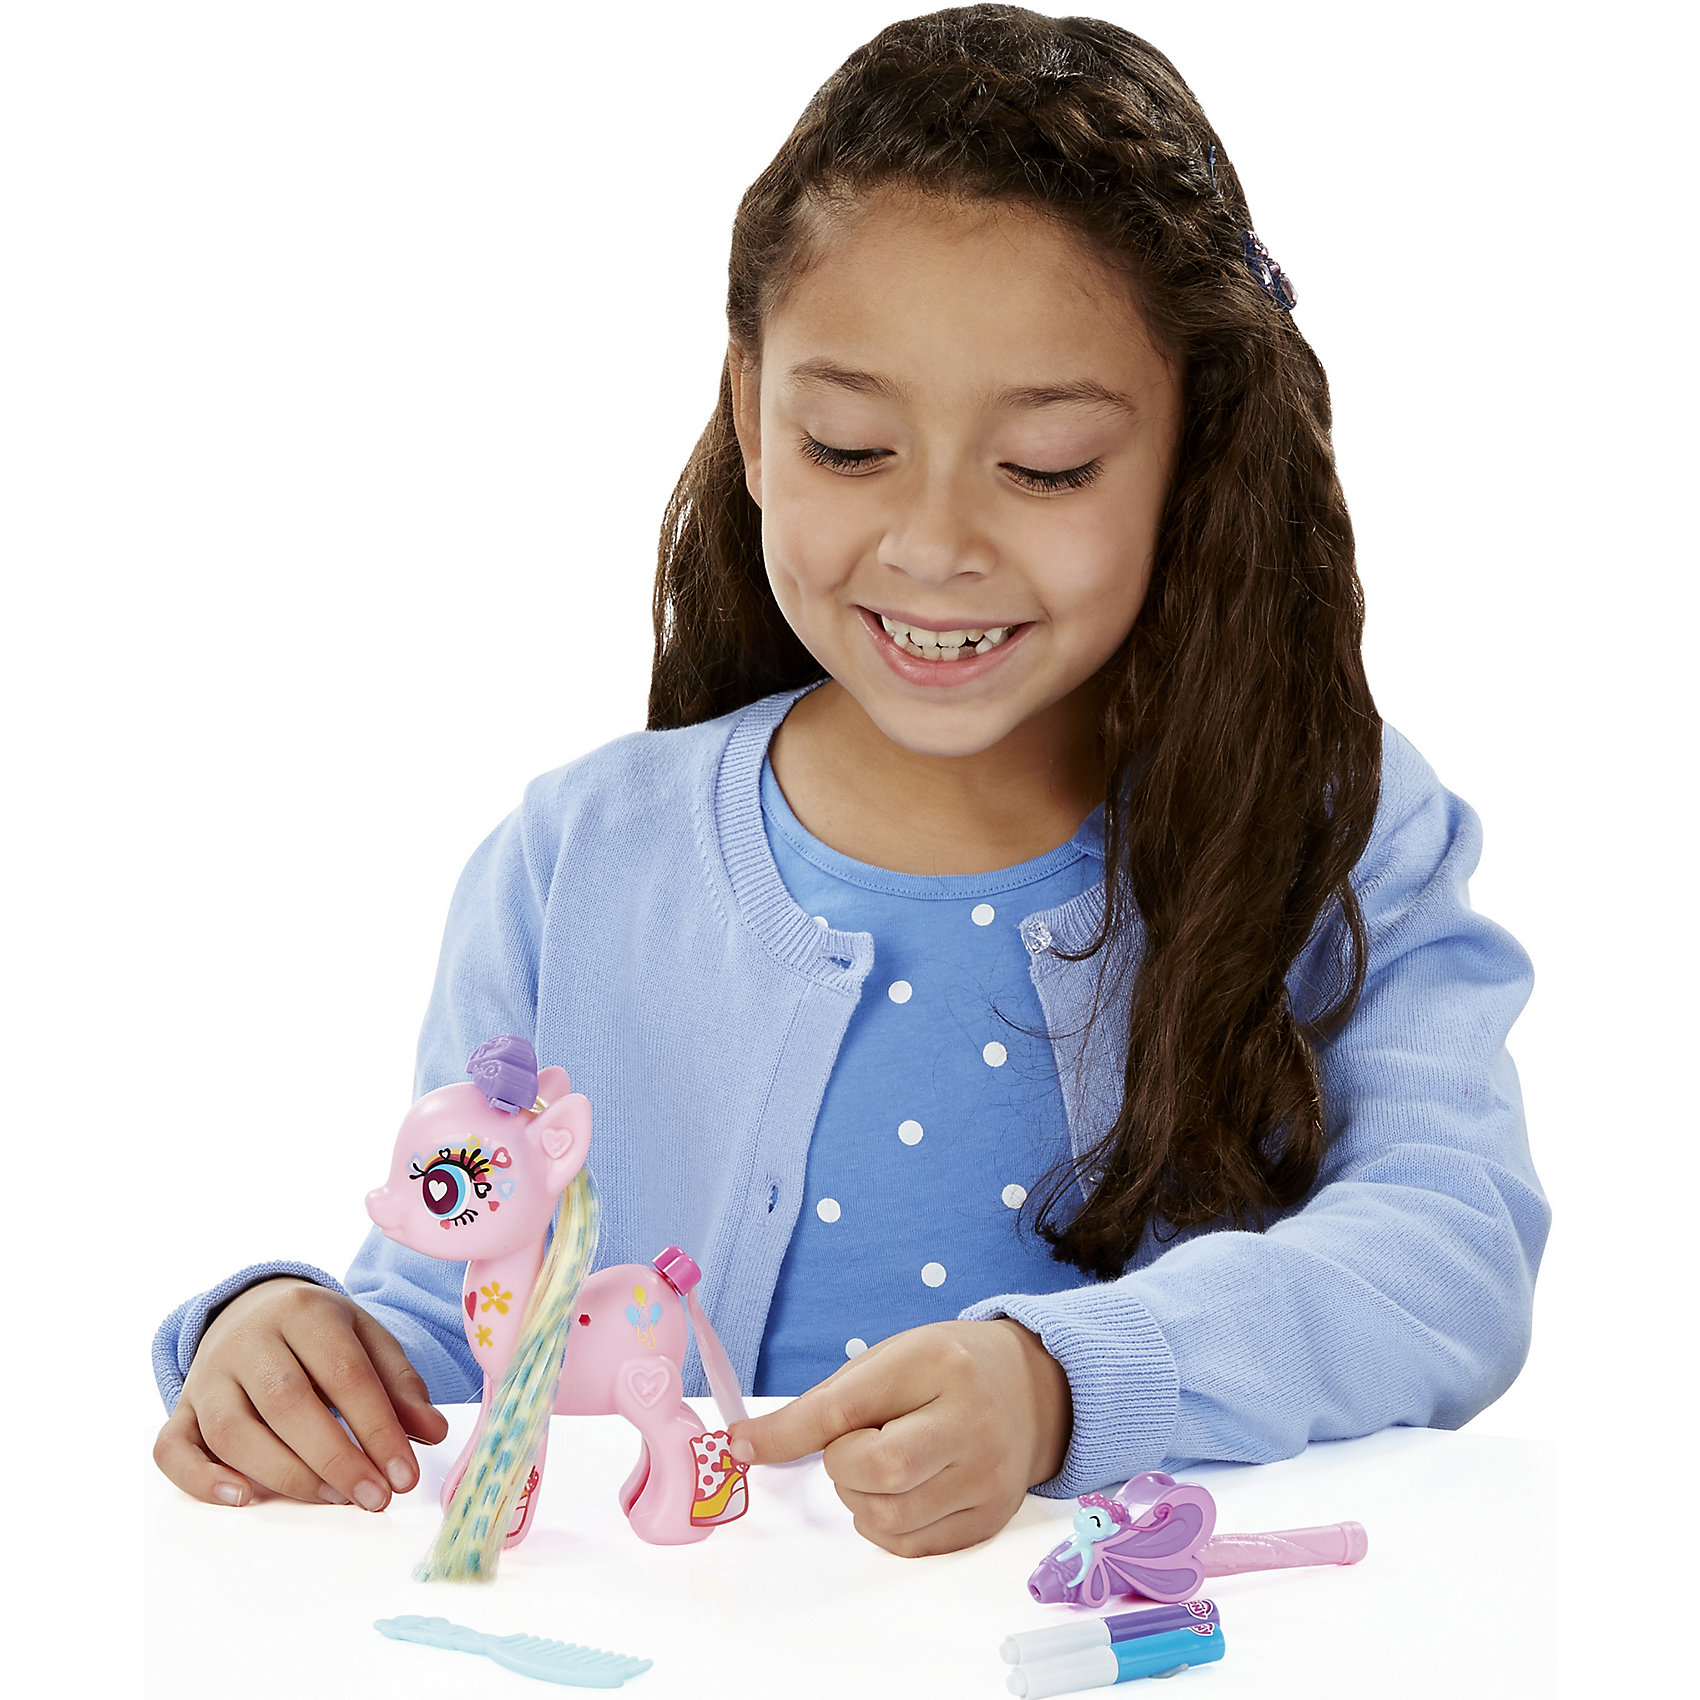 Тематический набор Создай свою пони Пинки Пай, My little Pony, B3591/B5792Тематический набор Создай свою пони, My little Pony, B3591/B5792.<br><br>Характеристики:<br><br>- В наборе: фигурка пони Пинки Пай (из двух половинок), две пряди с заколками, 1 хвост, аэромаркер (2 цвета), расческа, наклейки<br>- Можно комбинировать с другими наборами серии<br>- Материал: высококачественная пластмасса<br>- Размер упаковки: 15х2х16 см.<br><br>Игровой набор Создай свою пони станет приятным подарком для девочки - поклонницы мультсериала Моя маленькая пони. Дружба - это чудо!. Малышка сможет самостоятельно соединить две части пони вместе и, благодаря специальным накладным прядям, создать неповторимый образ для пони Пинки Пай. Пряди на заколках сделаны из качественного искусственного волокна. Маркерам, входящими в набор, их можно раскрашивать. Множество декоративных наклеек из набора помогут Пинки Пай обрести уникальный внешний вид. Игрушка выполнена из высококачественной пластмассы и имеет поразительное сходство с героиней мультсериала. Игровой набор позволит придумать множество разных сюжетных линий, историй и развить фантазию и мелкую моторику. Фигурка отлично впишется в коллекцию девочки и подарит ей множество положительных эмоций. Детали набора можно комбинировать с элементами из других наборов Создай свою пони.<br><br>Тематический набор Создай свою пони, My little Pony, B3591/B5792 можно купить в нашем интернет-магазине.<br><br>Ширина мм: 35<br>Глубина мм: 229<br>Высота мм: 975<br>Вес г: 300<br>Возраст от месяцев: 48<br>Возраст до месяцев: 144<br>Пол: Женский<br>Возраст: Детский<br>SKU: 5064685